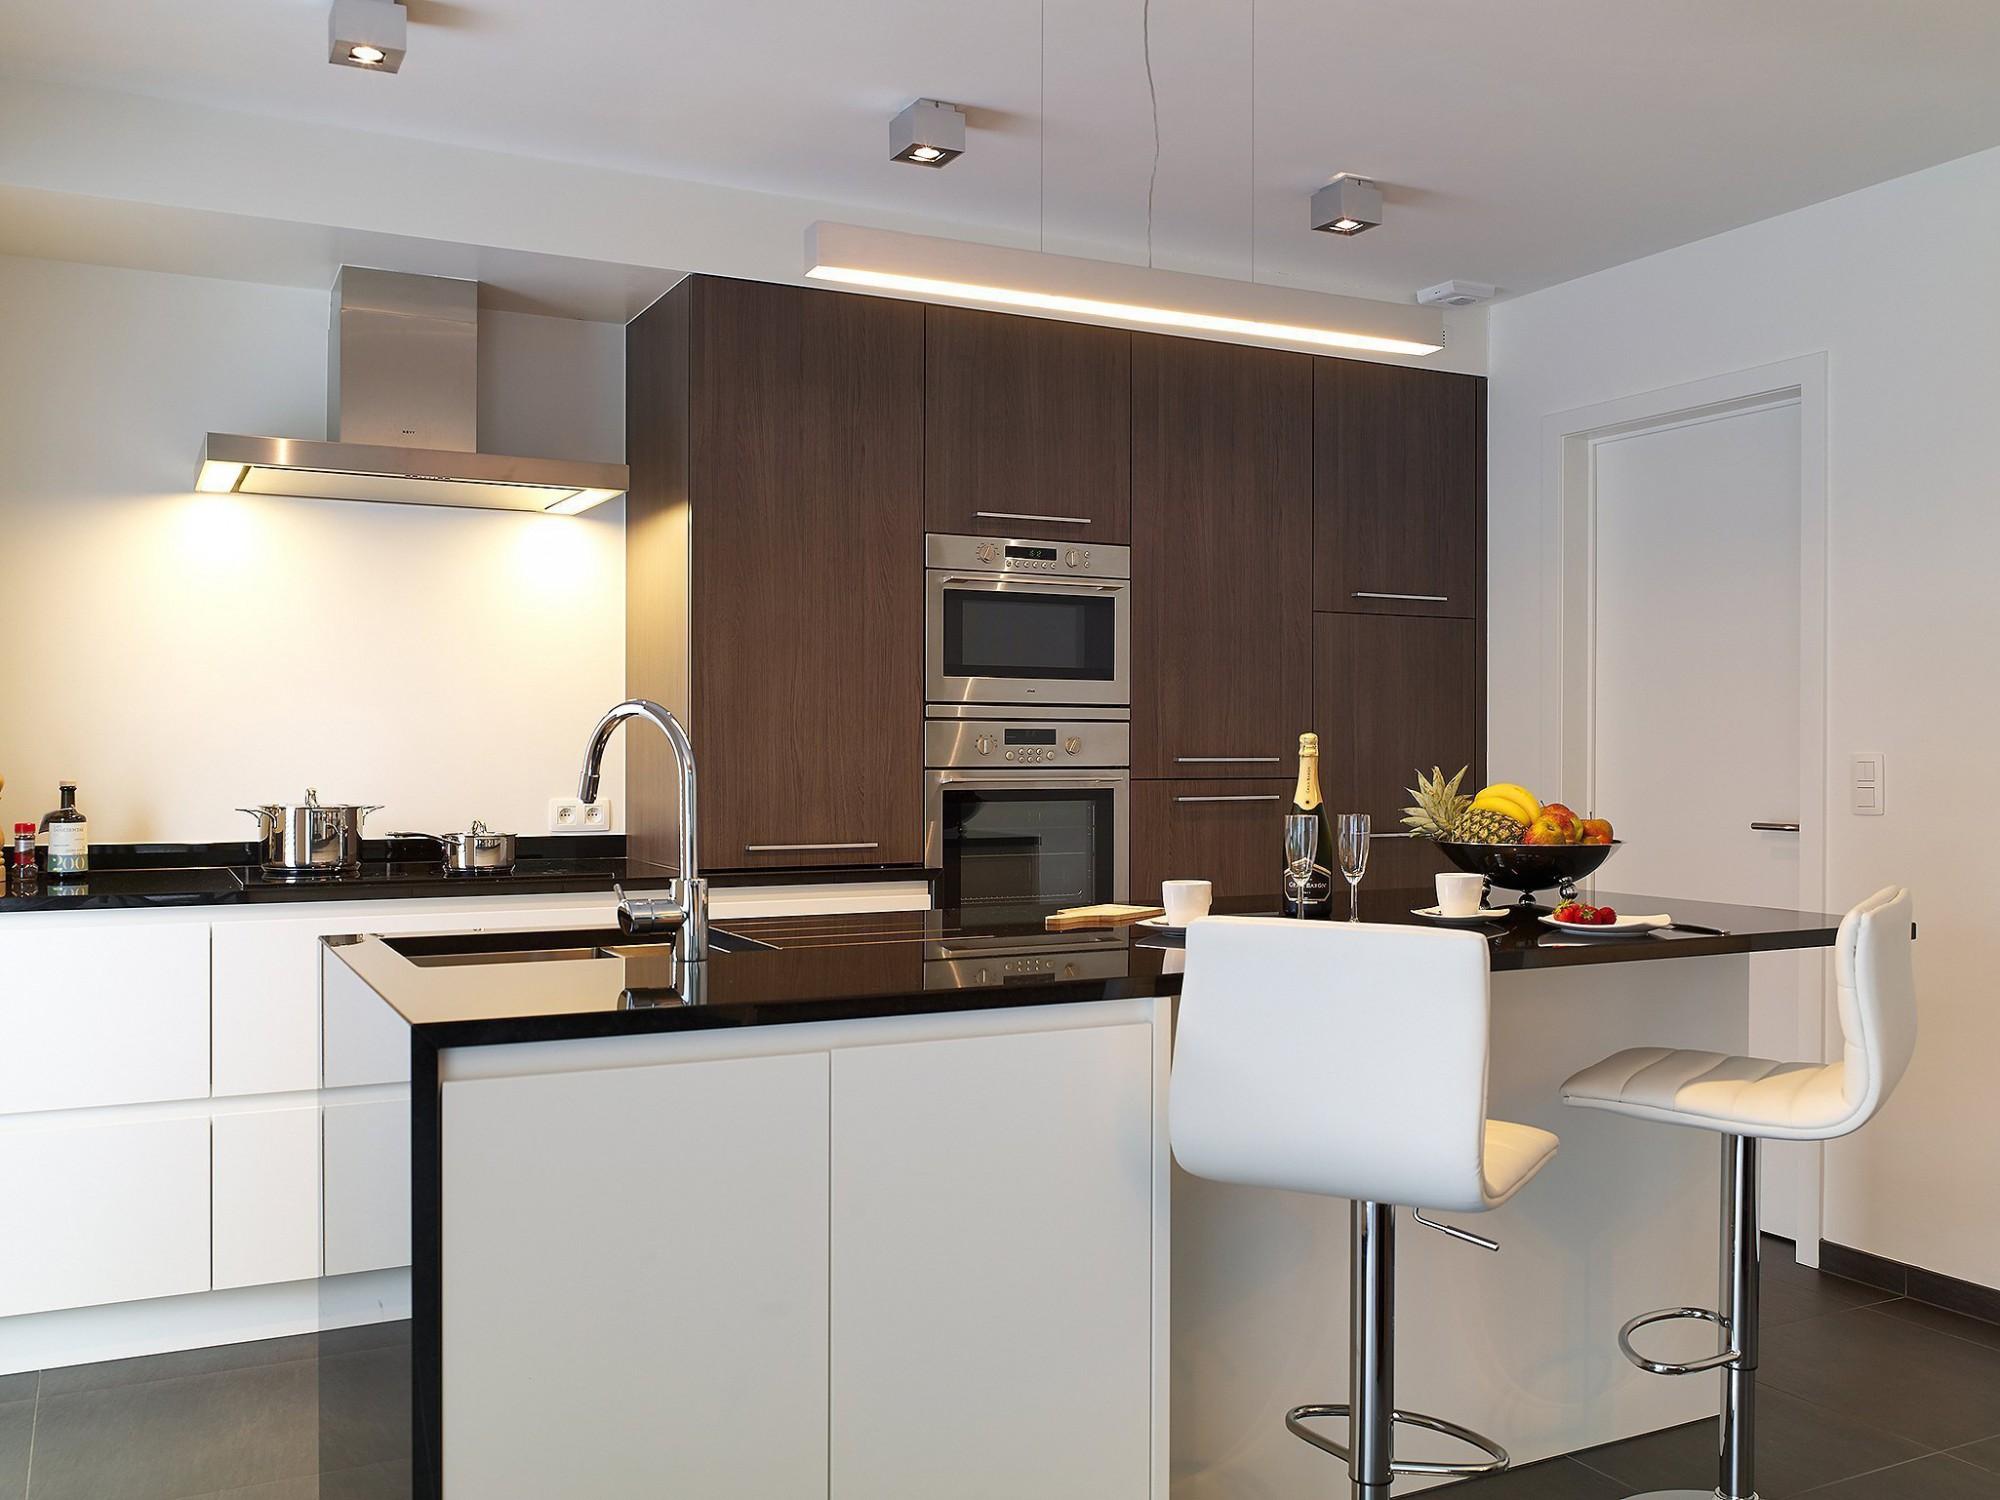 Afbeelding: Fotografie keuken modern te Asse voor © Reno Art, fotografie keukens Foto Van Huffel.